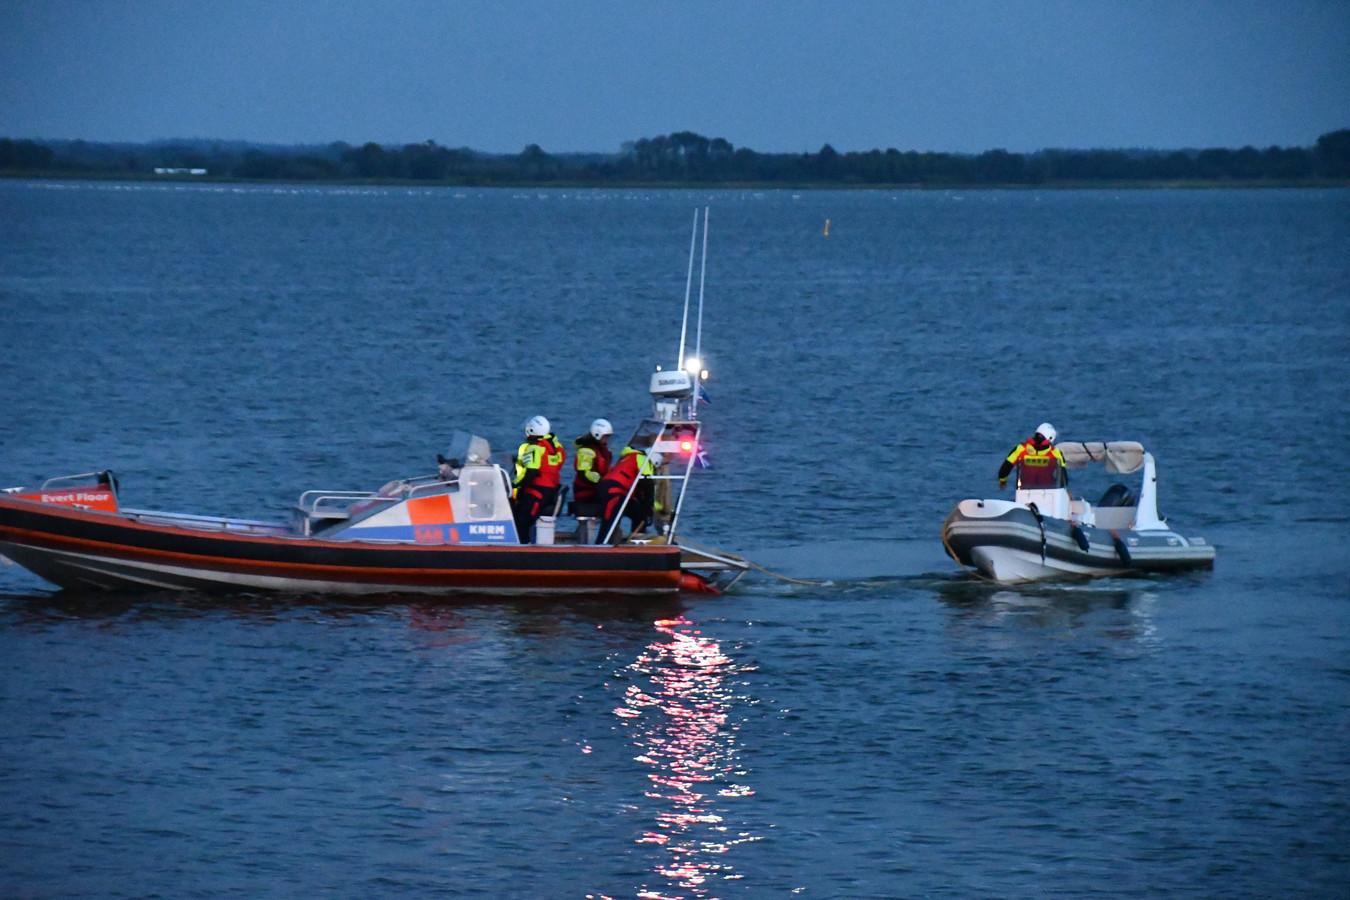 De KNRM moest de speedboot 'onderscheppen' op het Veluwemeer.